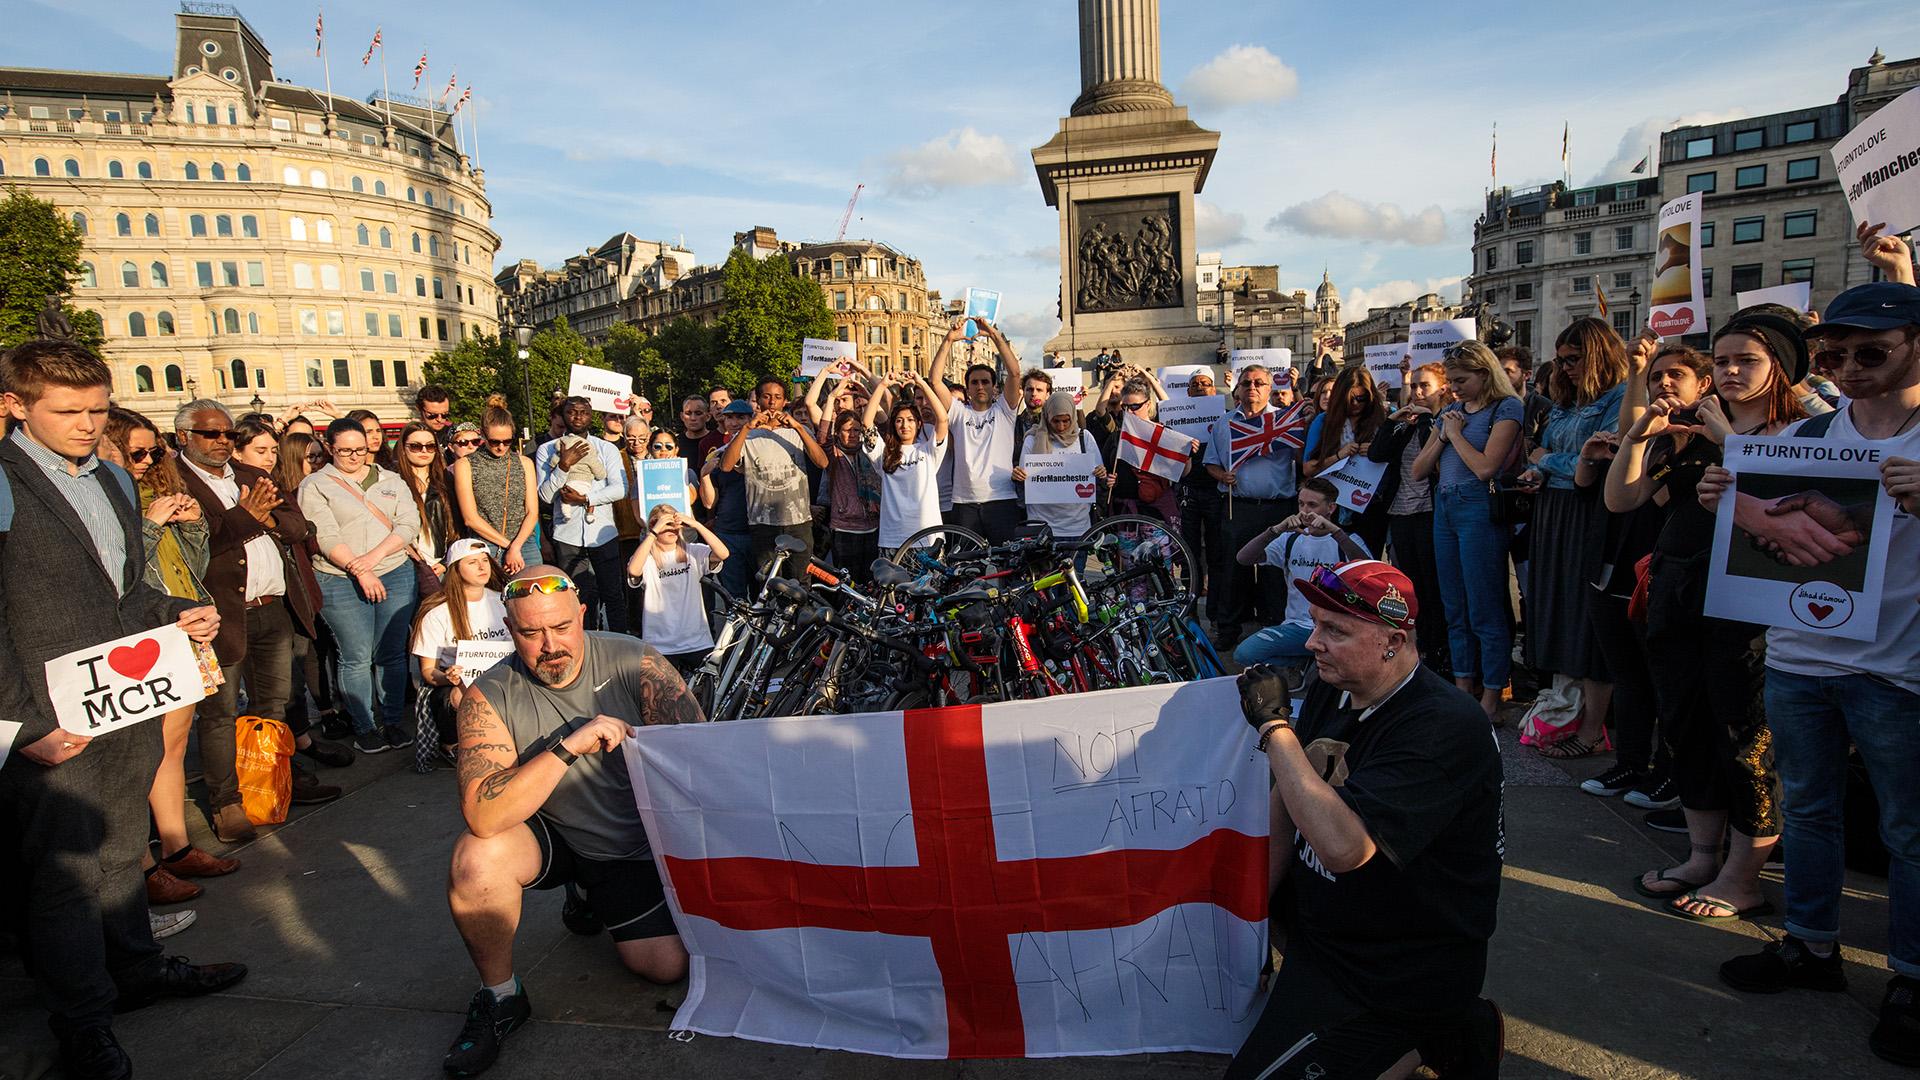 Miles de personas se congregaron en el centro de Manchester(Getty Images)